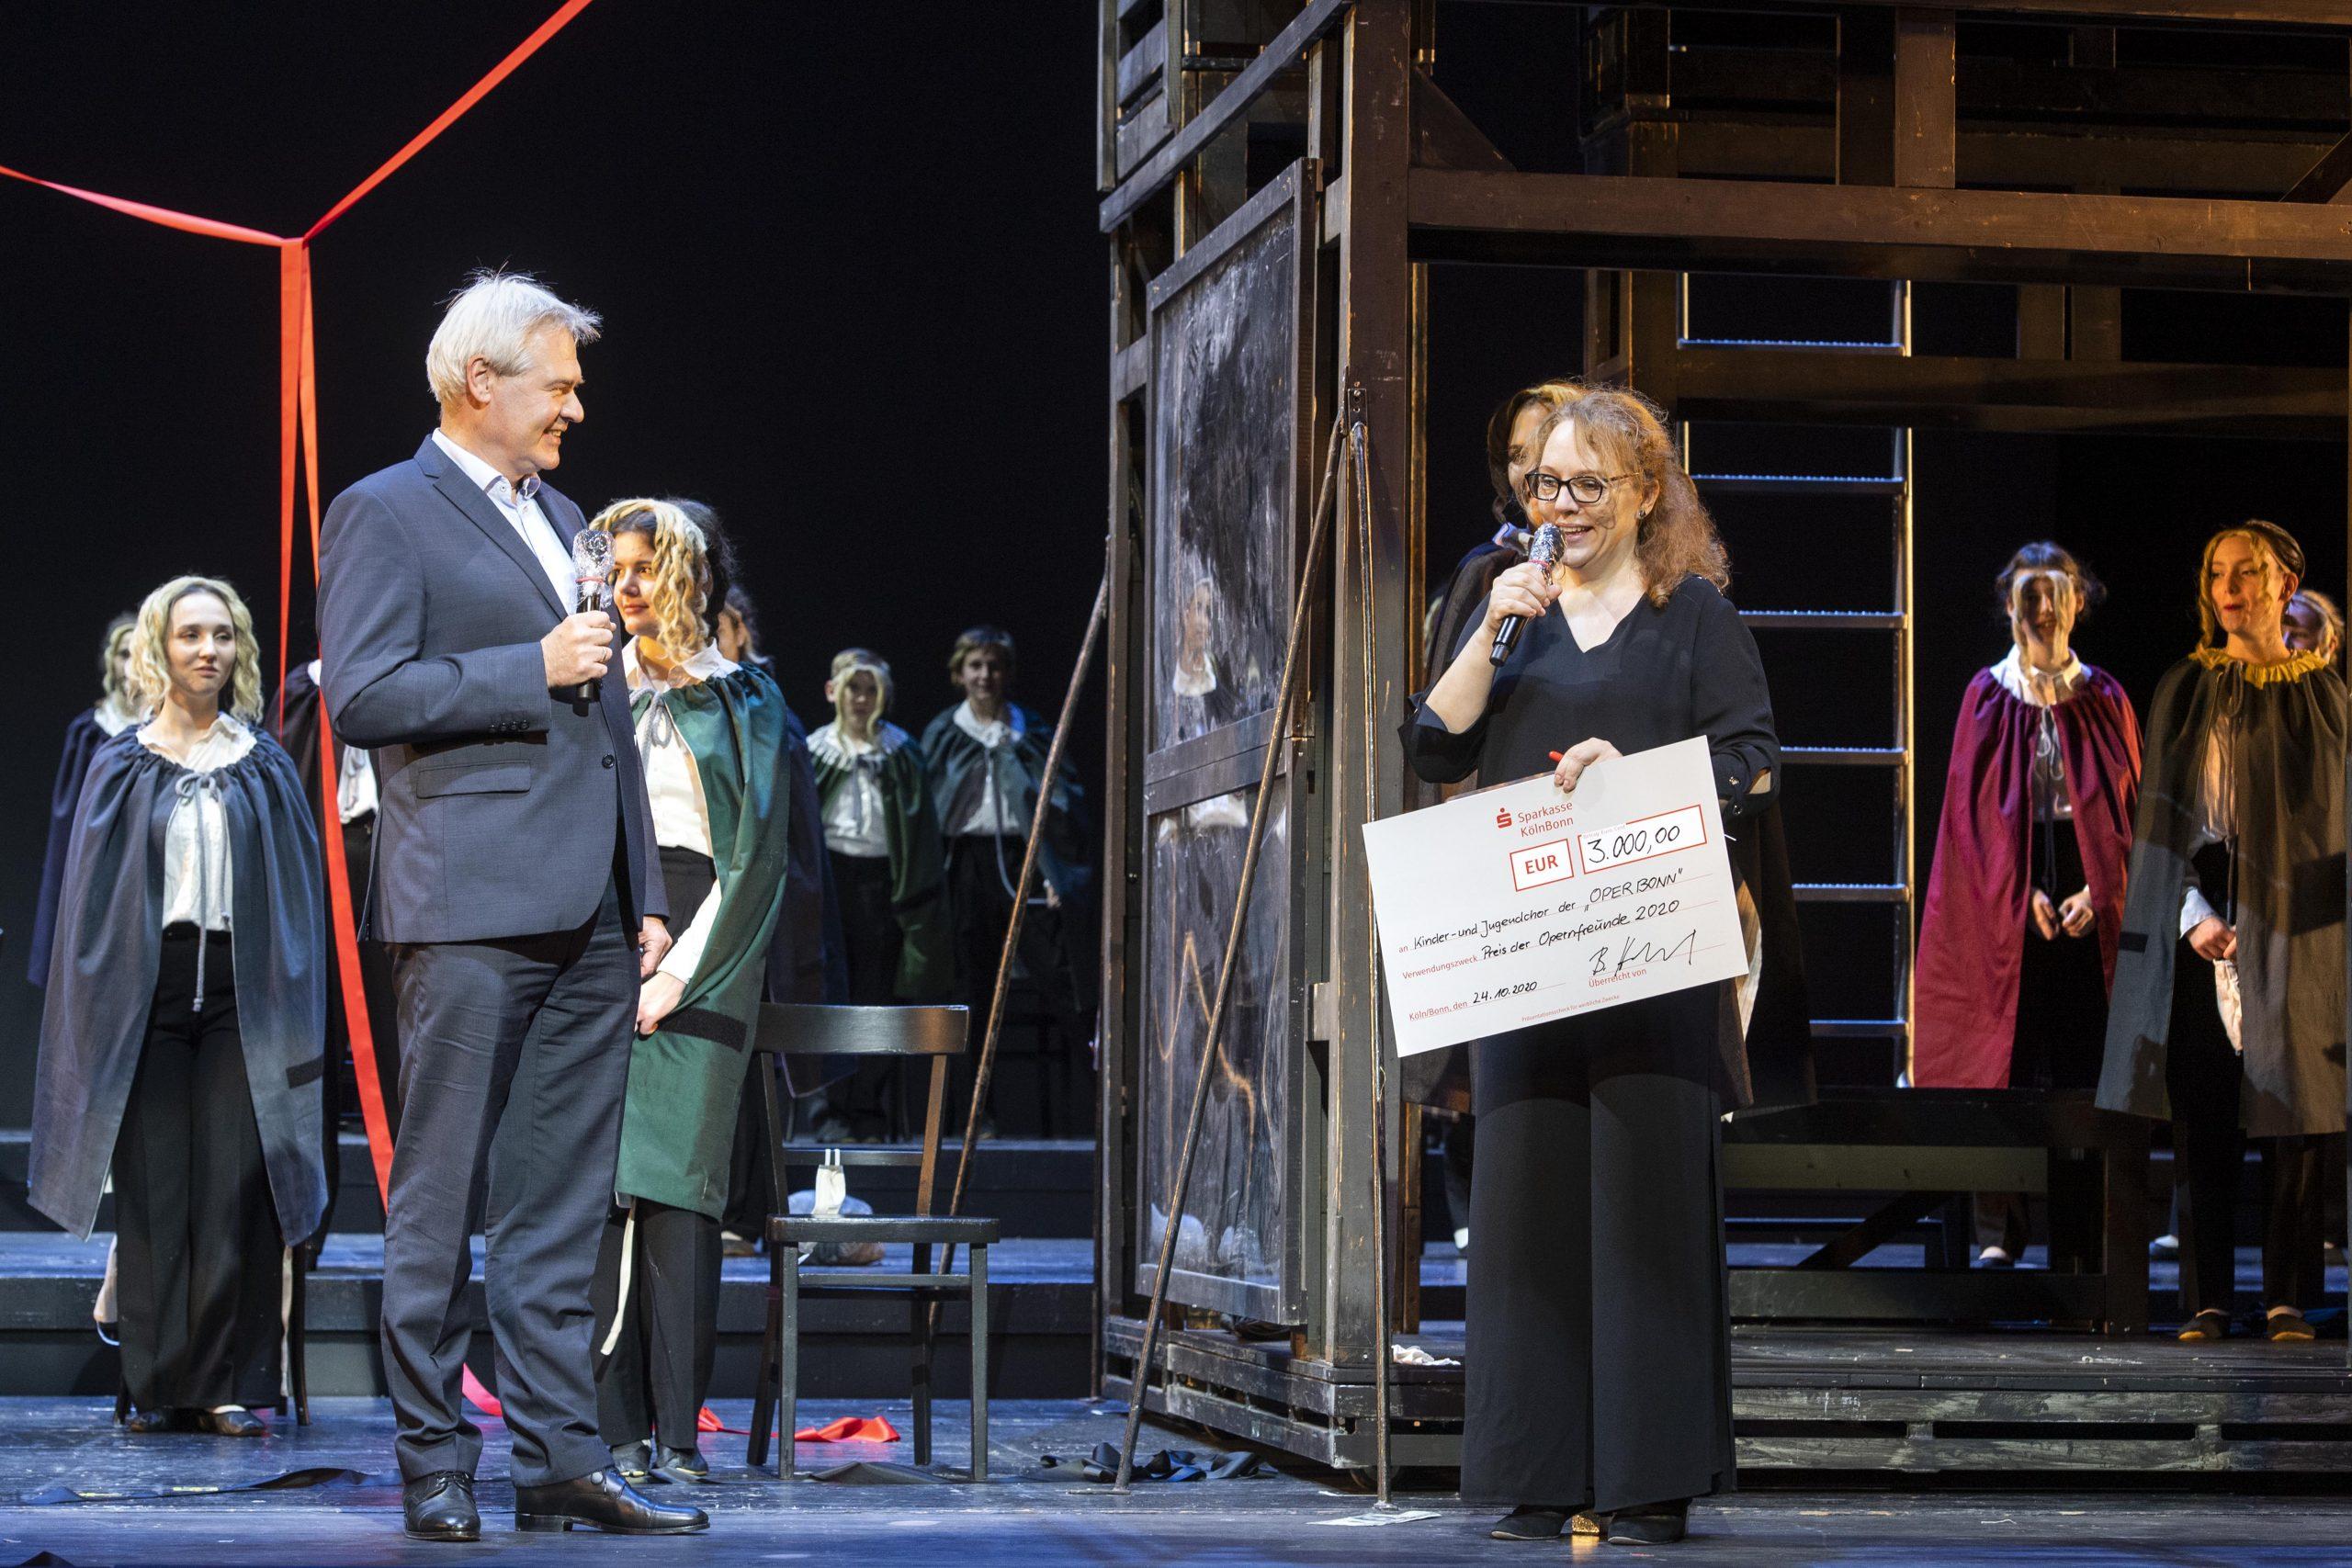 Auszeichnung mit dem Preis der Opernfreunde Bonn e.V.